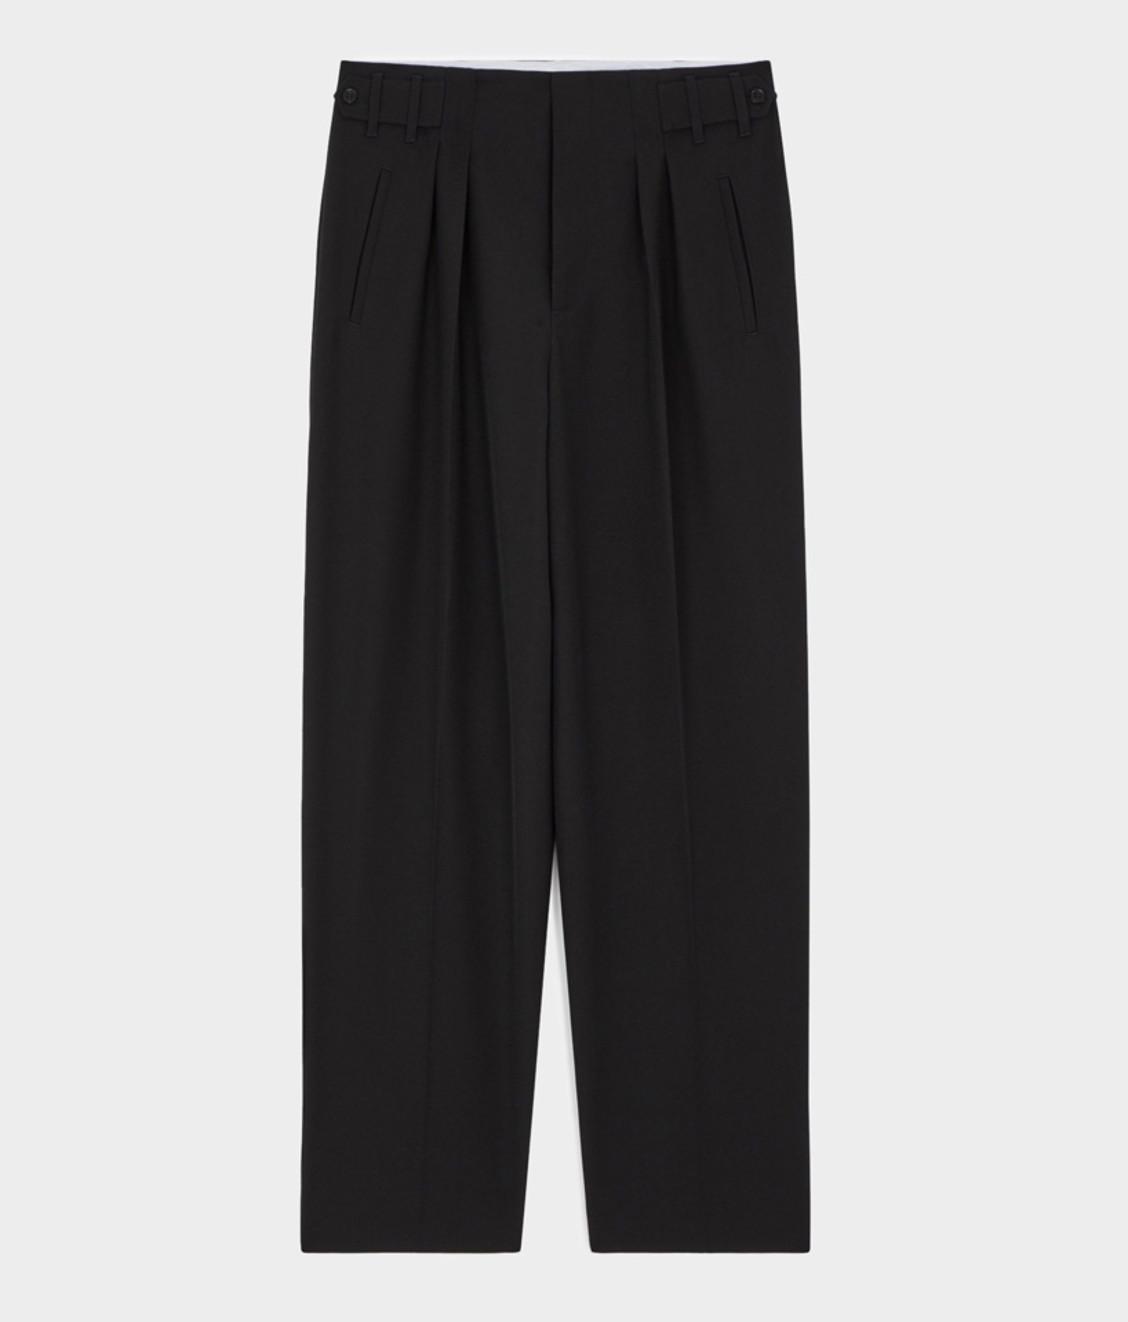 Maison Kitsune Kitsuné Pleated Pants Black